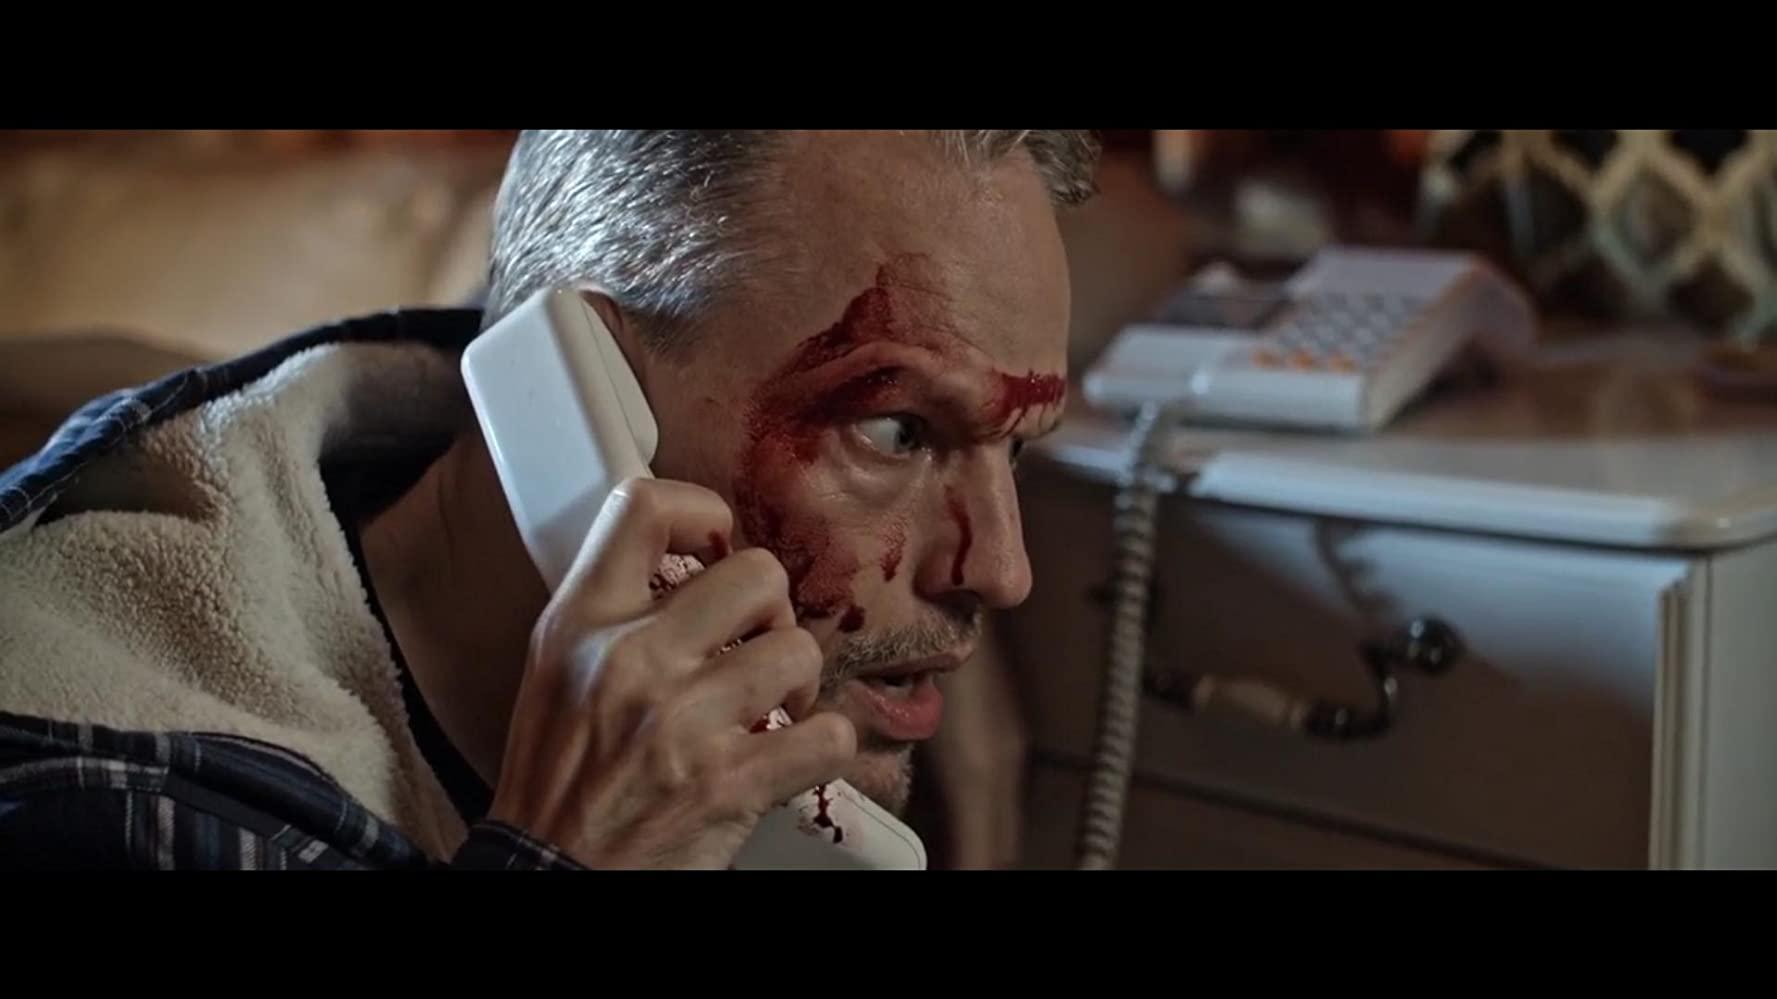 مشاهدة فيلم The Utah Cabin Murders (2019) مترجم HD اون لاين